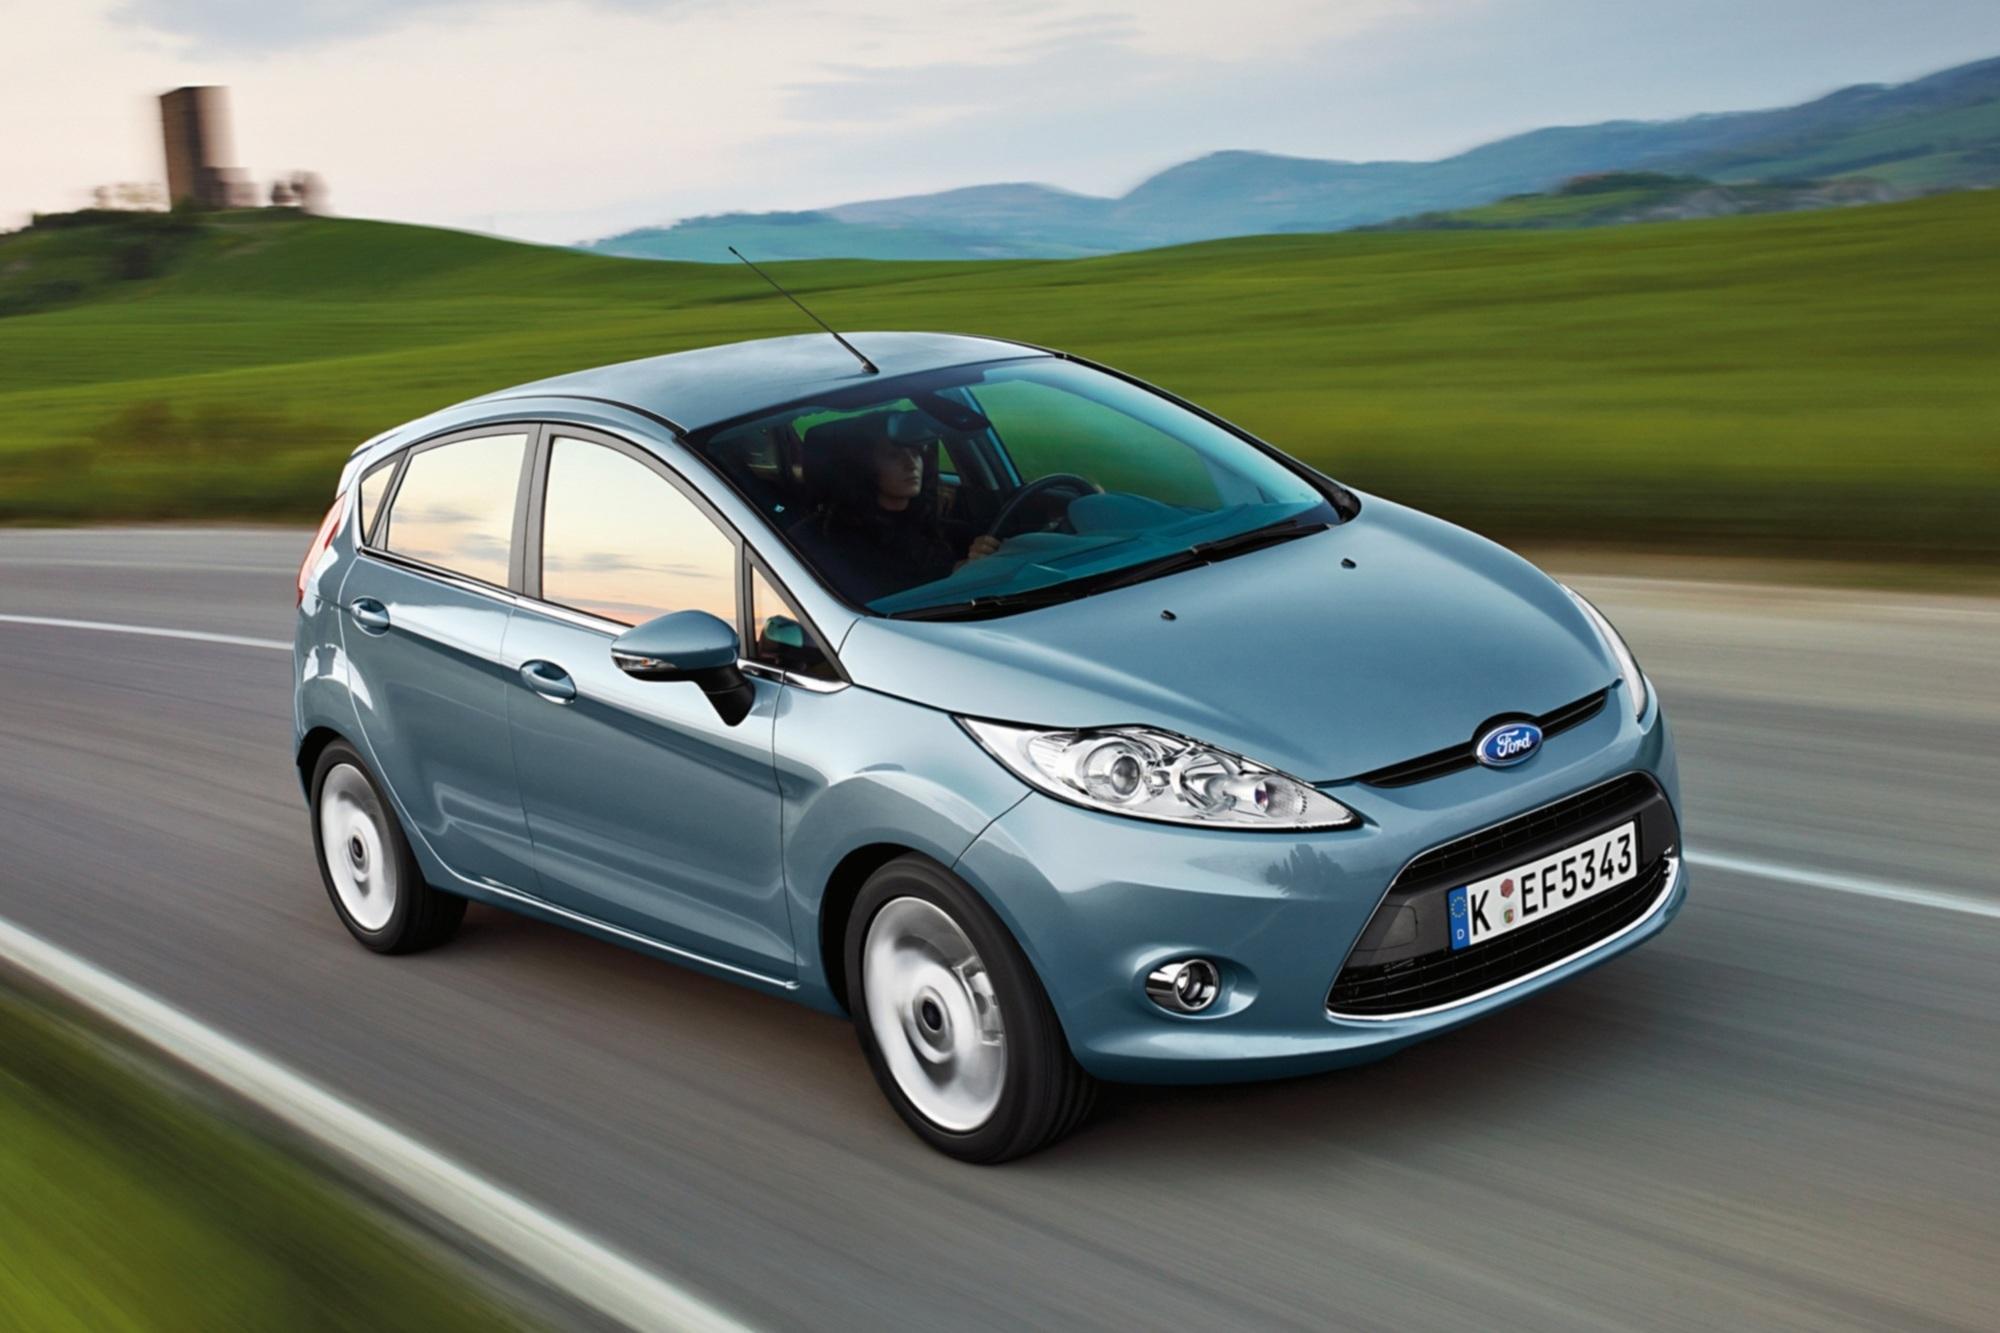 Gebrauchtwagen-Check: Ford Fiesta - Lebhaft und langlebig